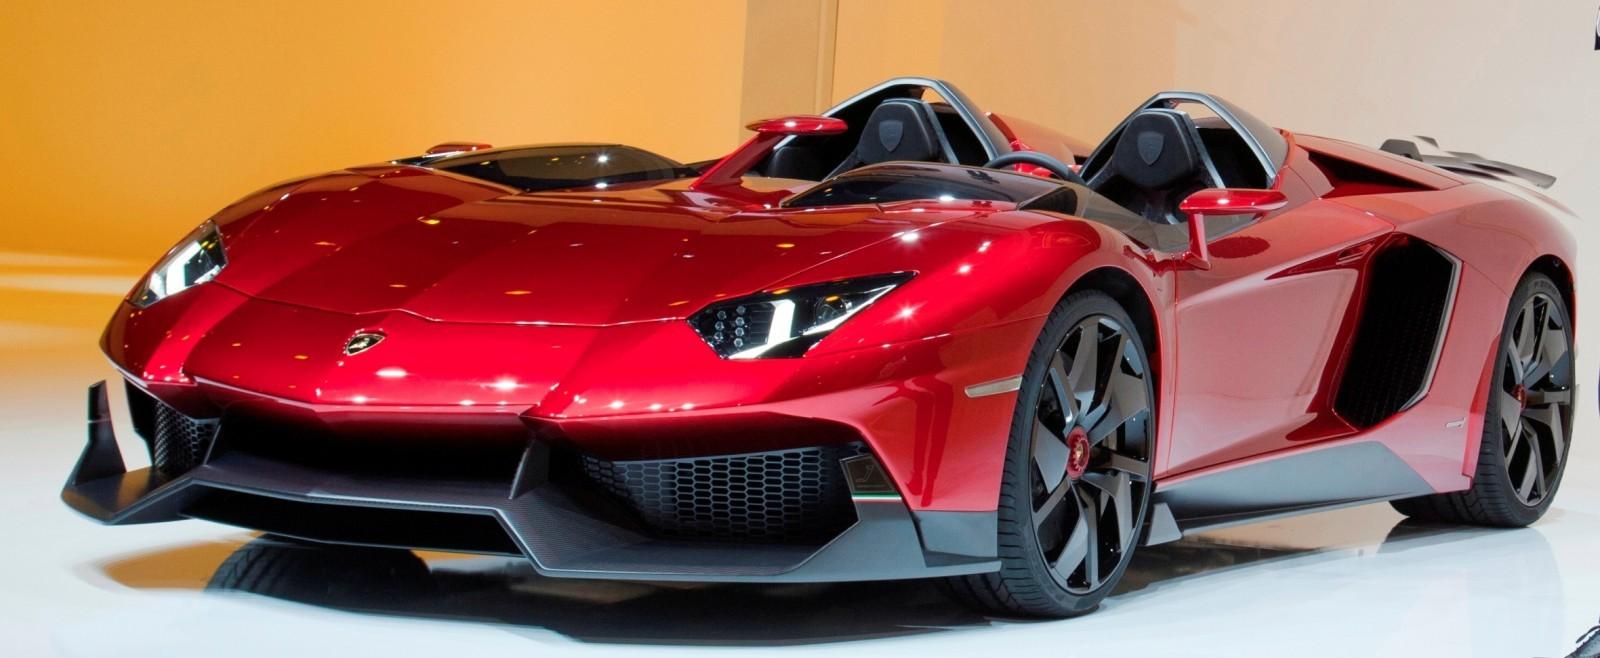 Hypercar Showcase - 2014 Lamborghini Aventador Trumped Only By Aventador J and Aventador Roadster 20